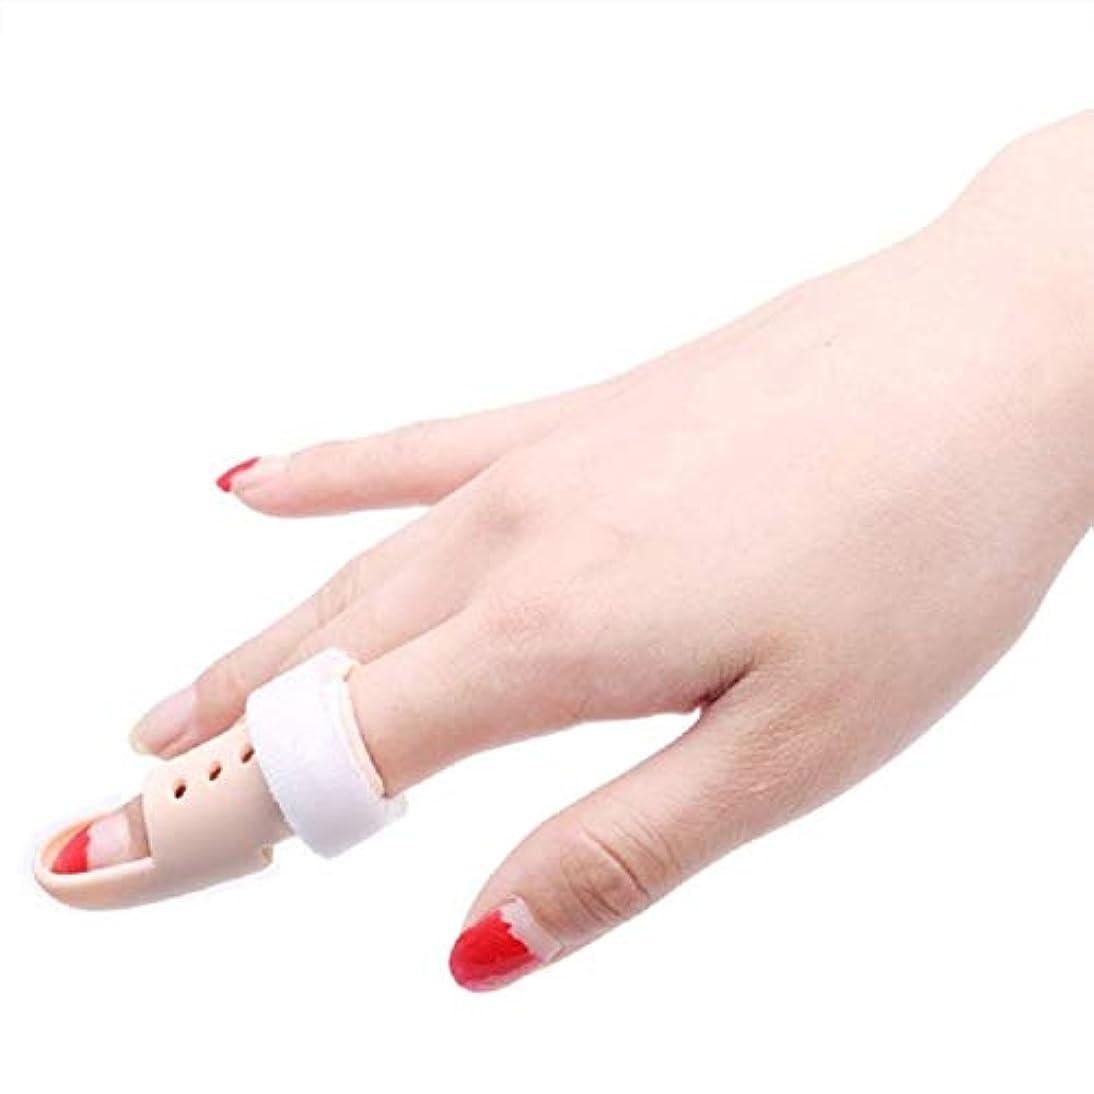 サミットオズワルド警察署ソフト泡で痛み捻挫株関節炎に苦しんで、スプリント、リバーシブル親指スタビライザーを指 (Size : XL)